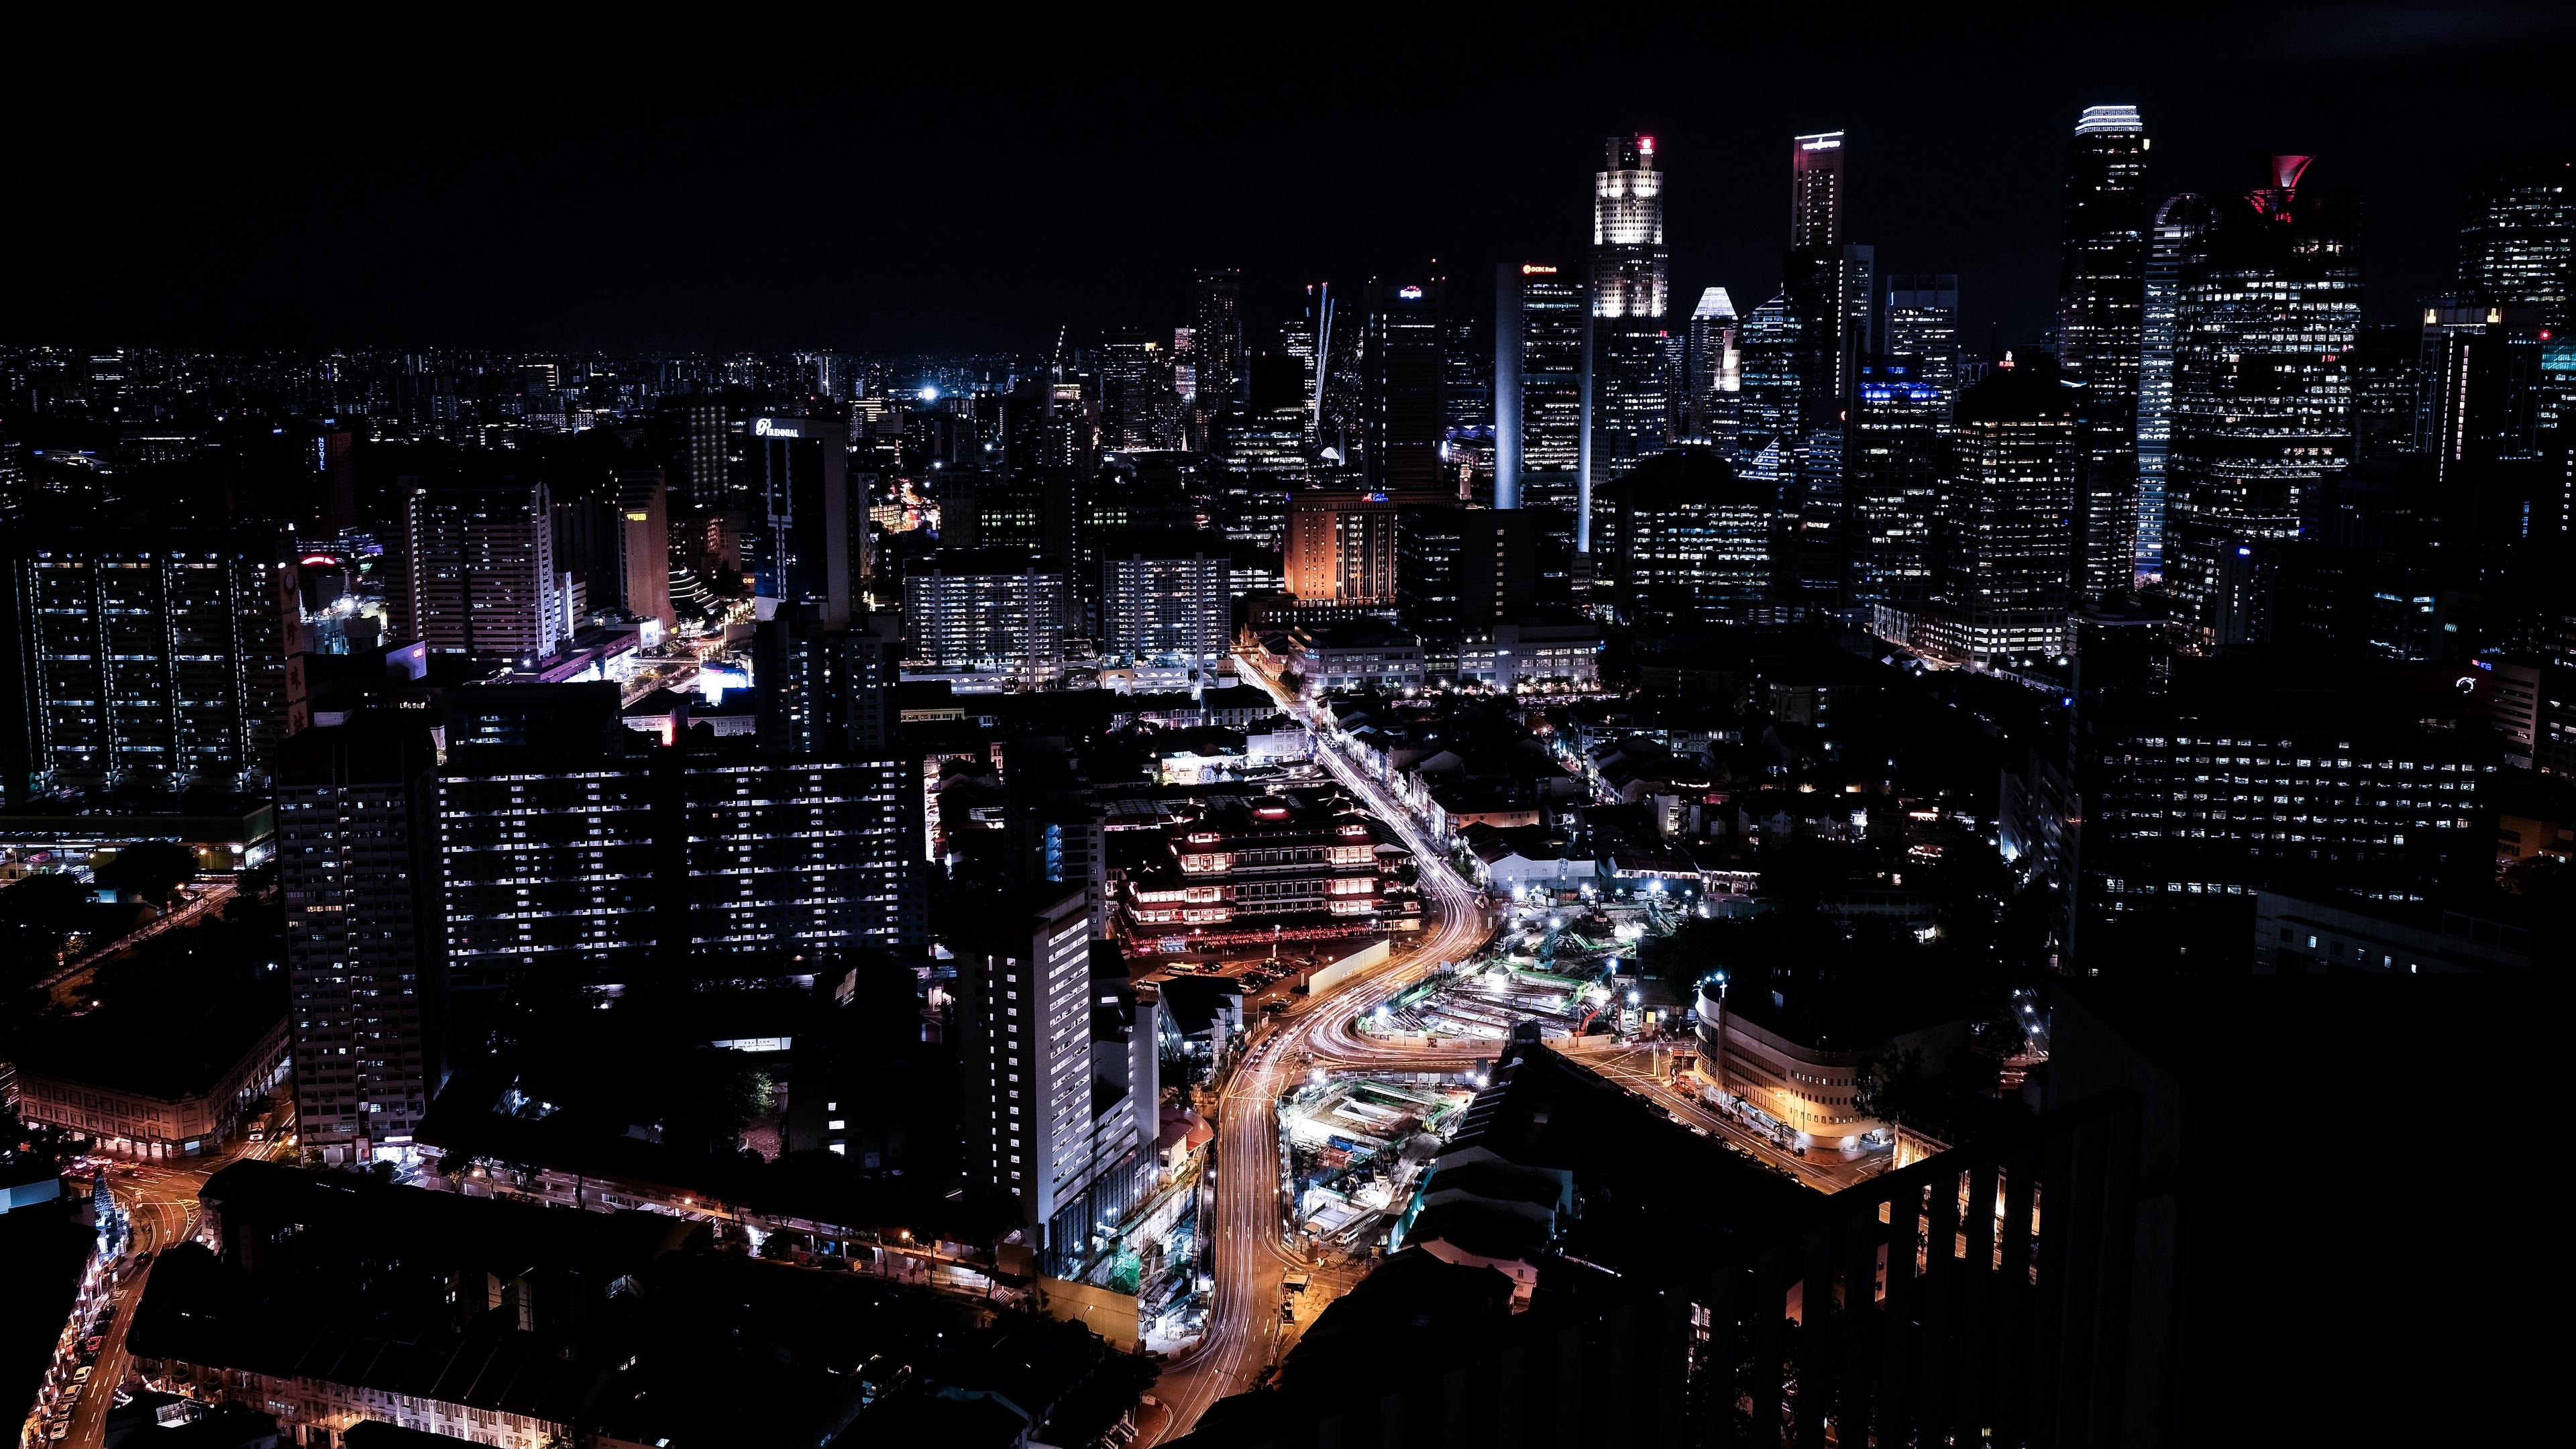 singapore skyscrapers night night city 4k 1538066293 - singapore, skyscrapers, night, night city 4k - Skyscrapers, Singapore, Night